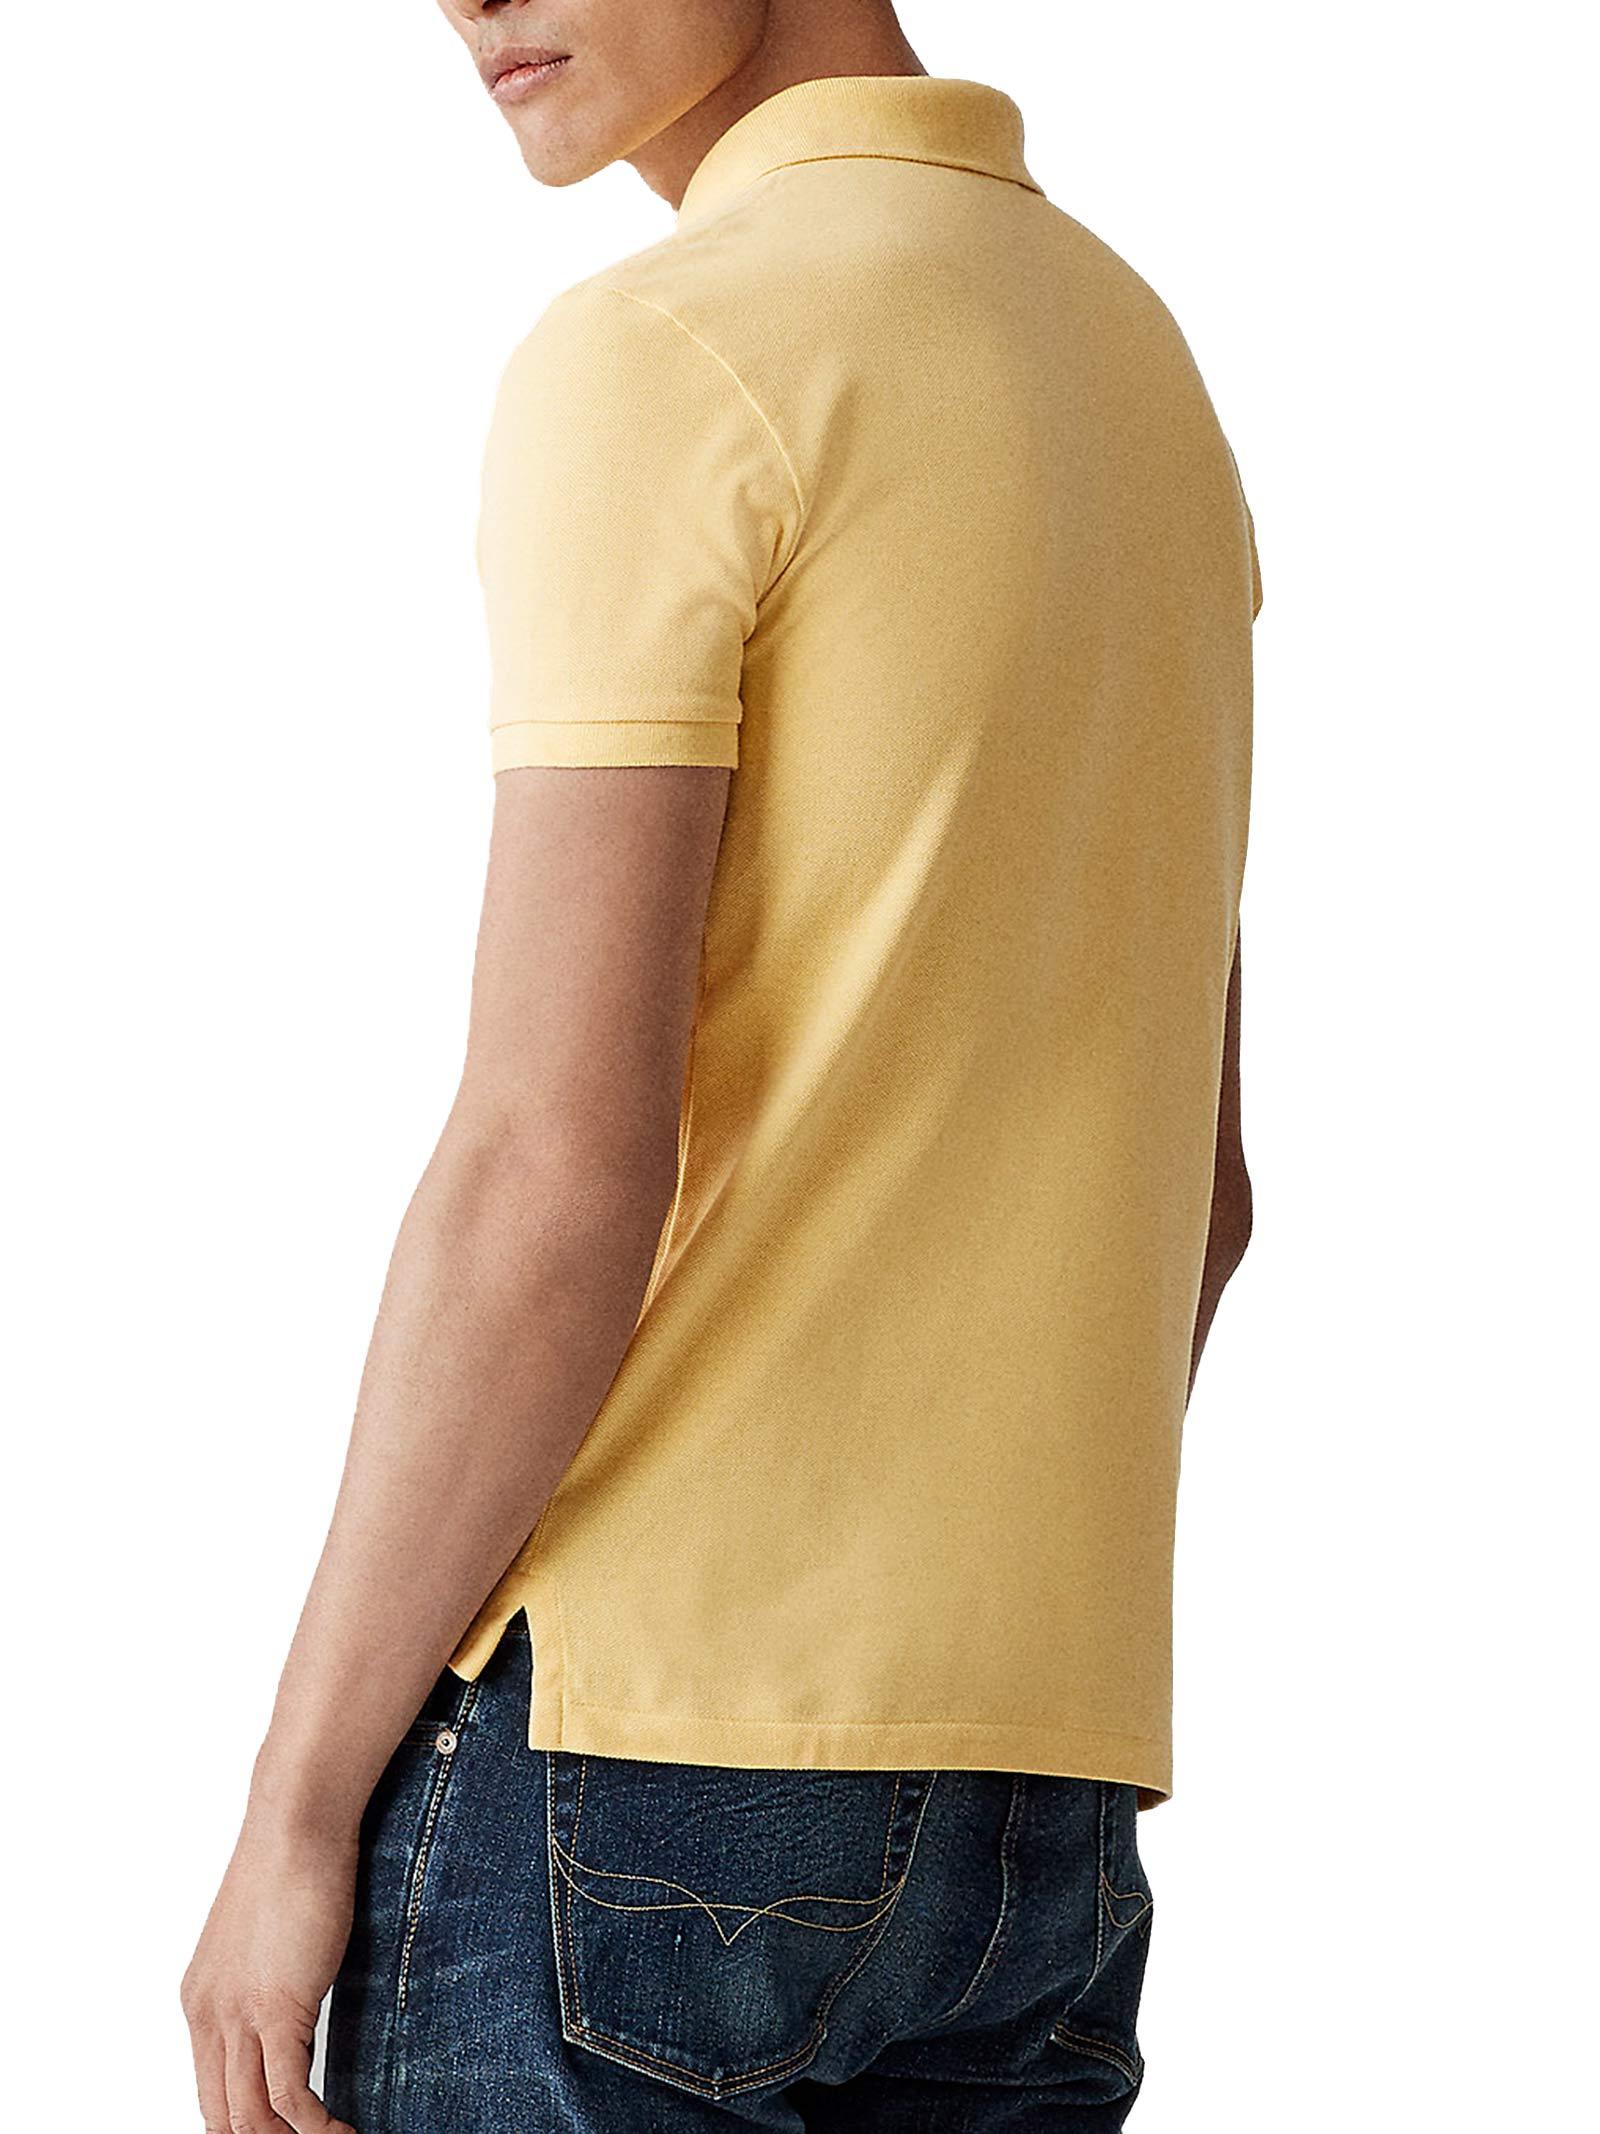 Polo regular in cotone giallo RALPH LAUREN | Polo | 710-795080003